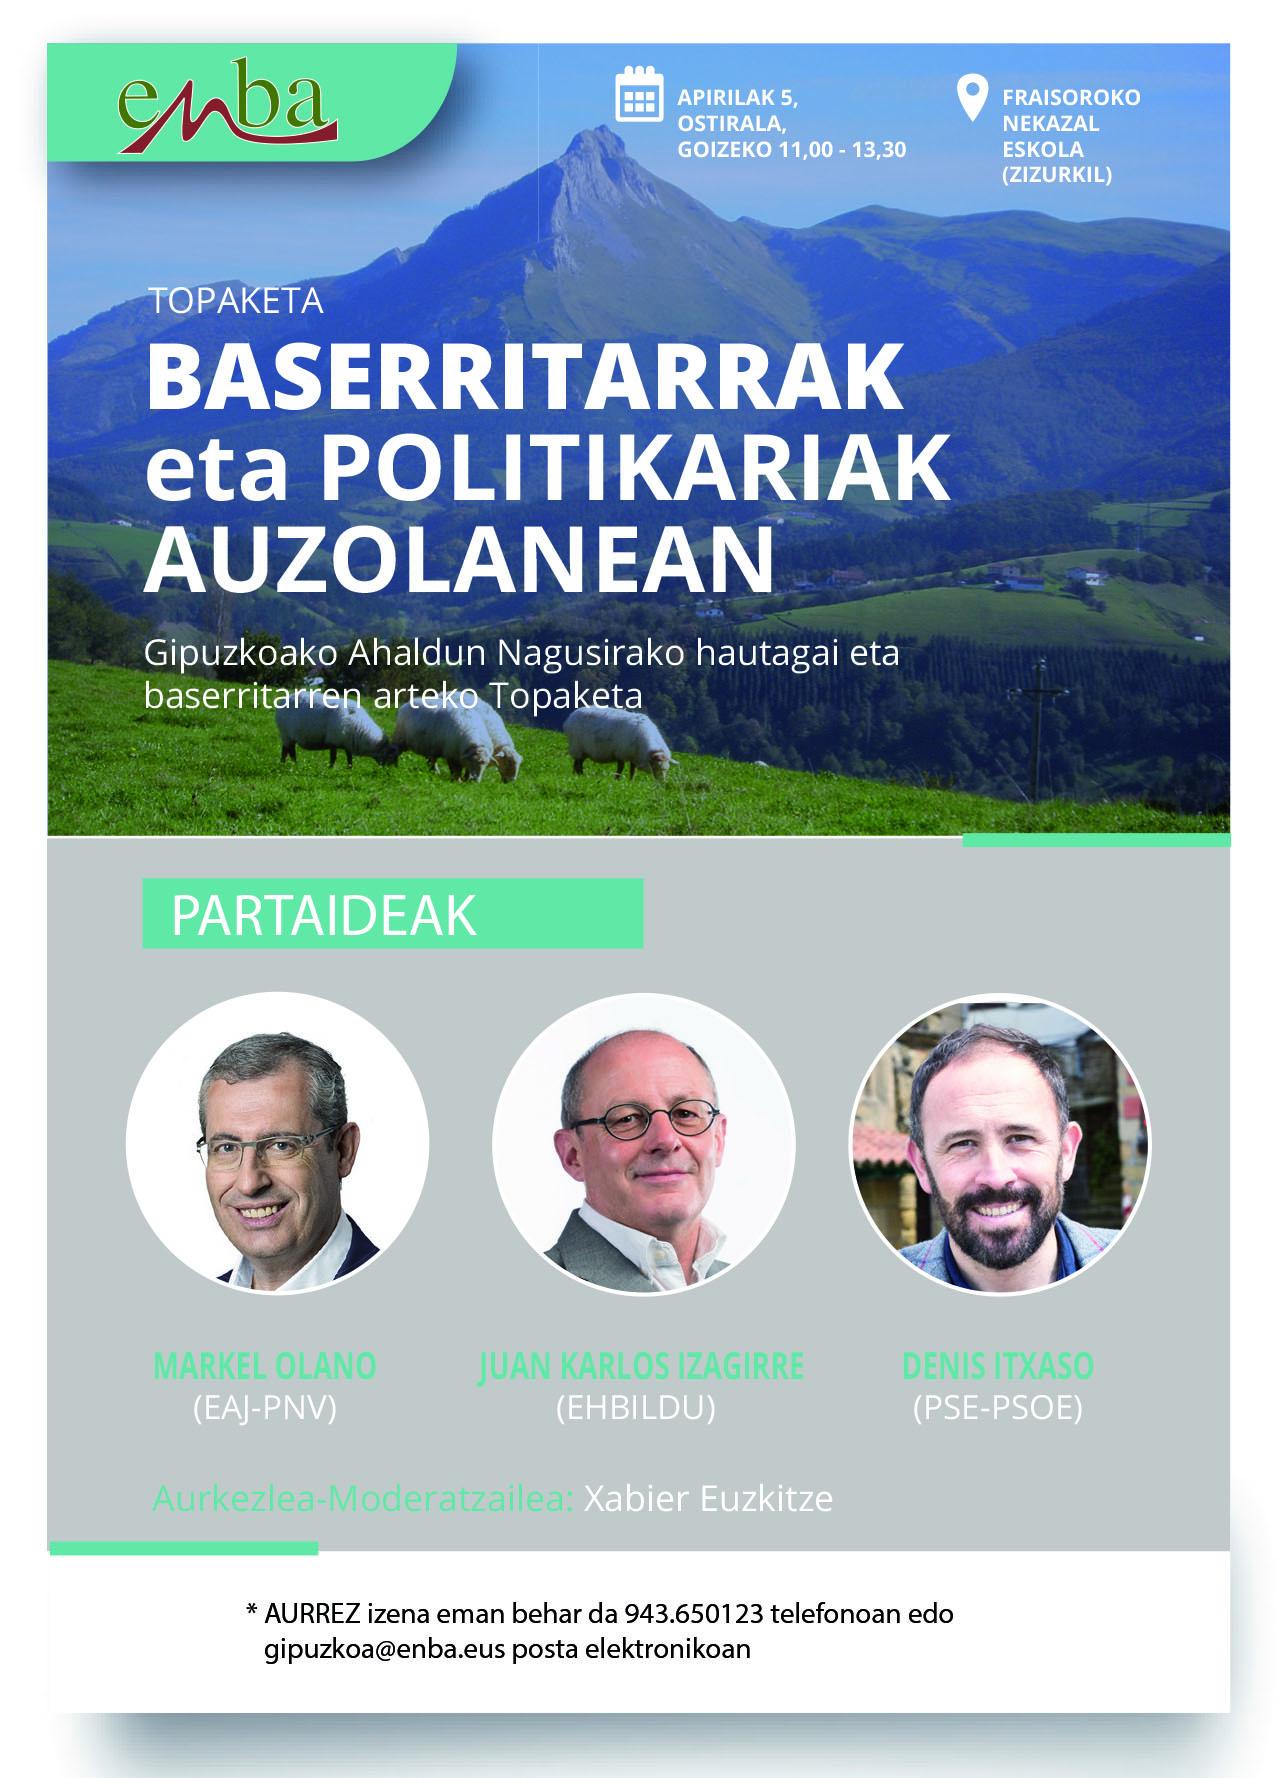 ENBA organiza un Encuentro entre candidatos a diputado general y baserritarras.